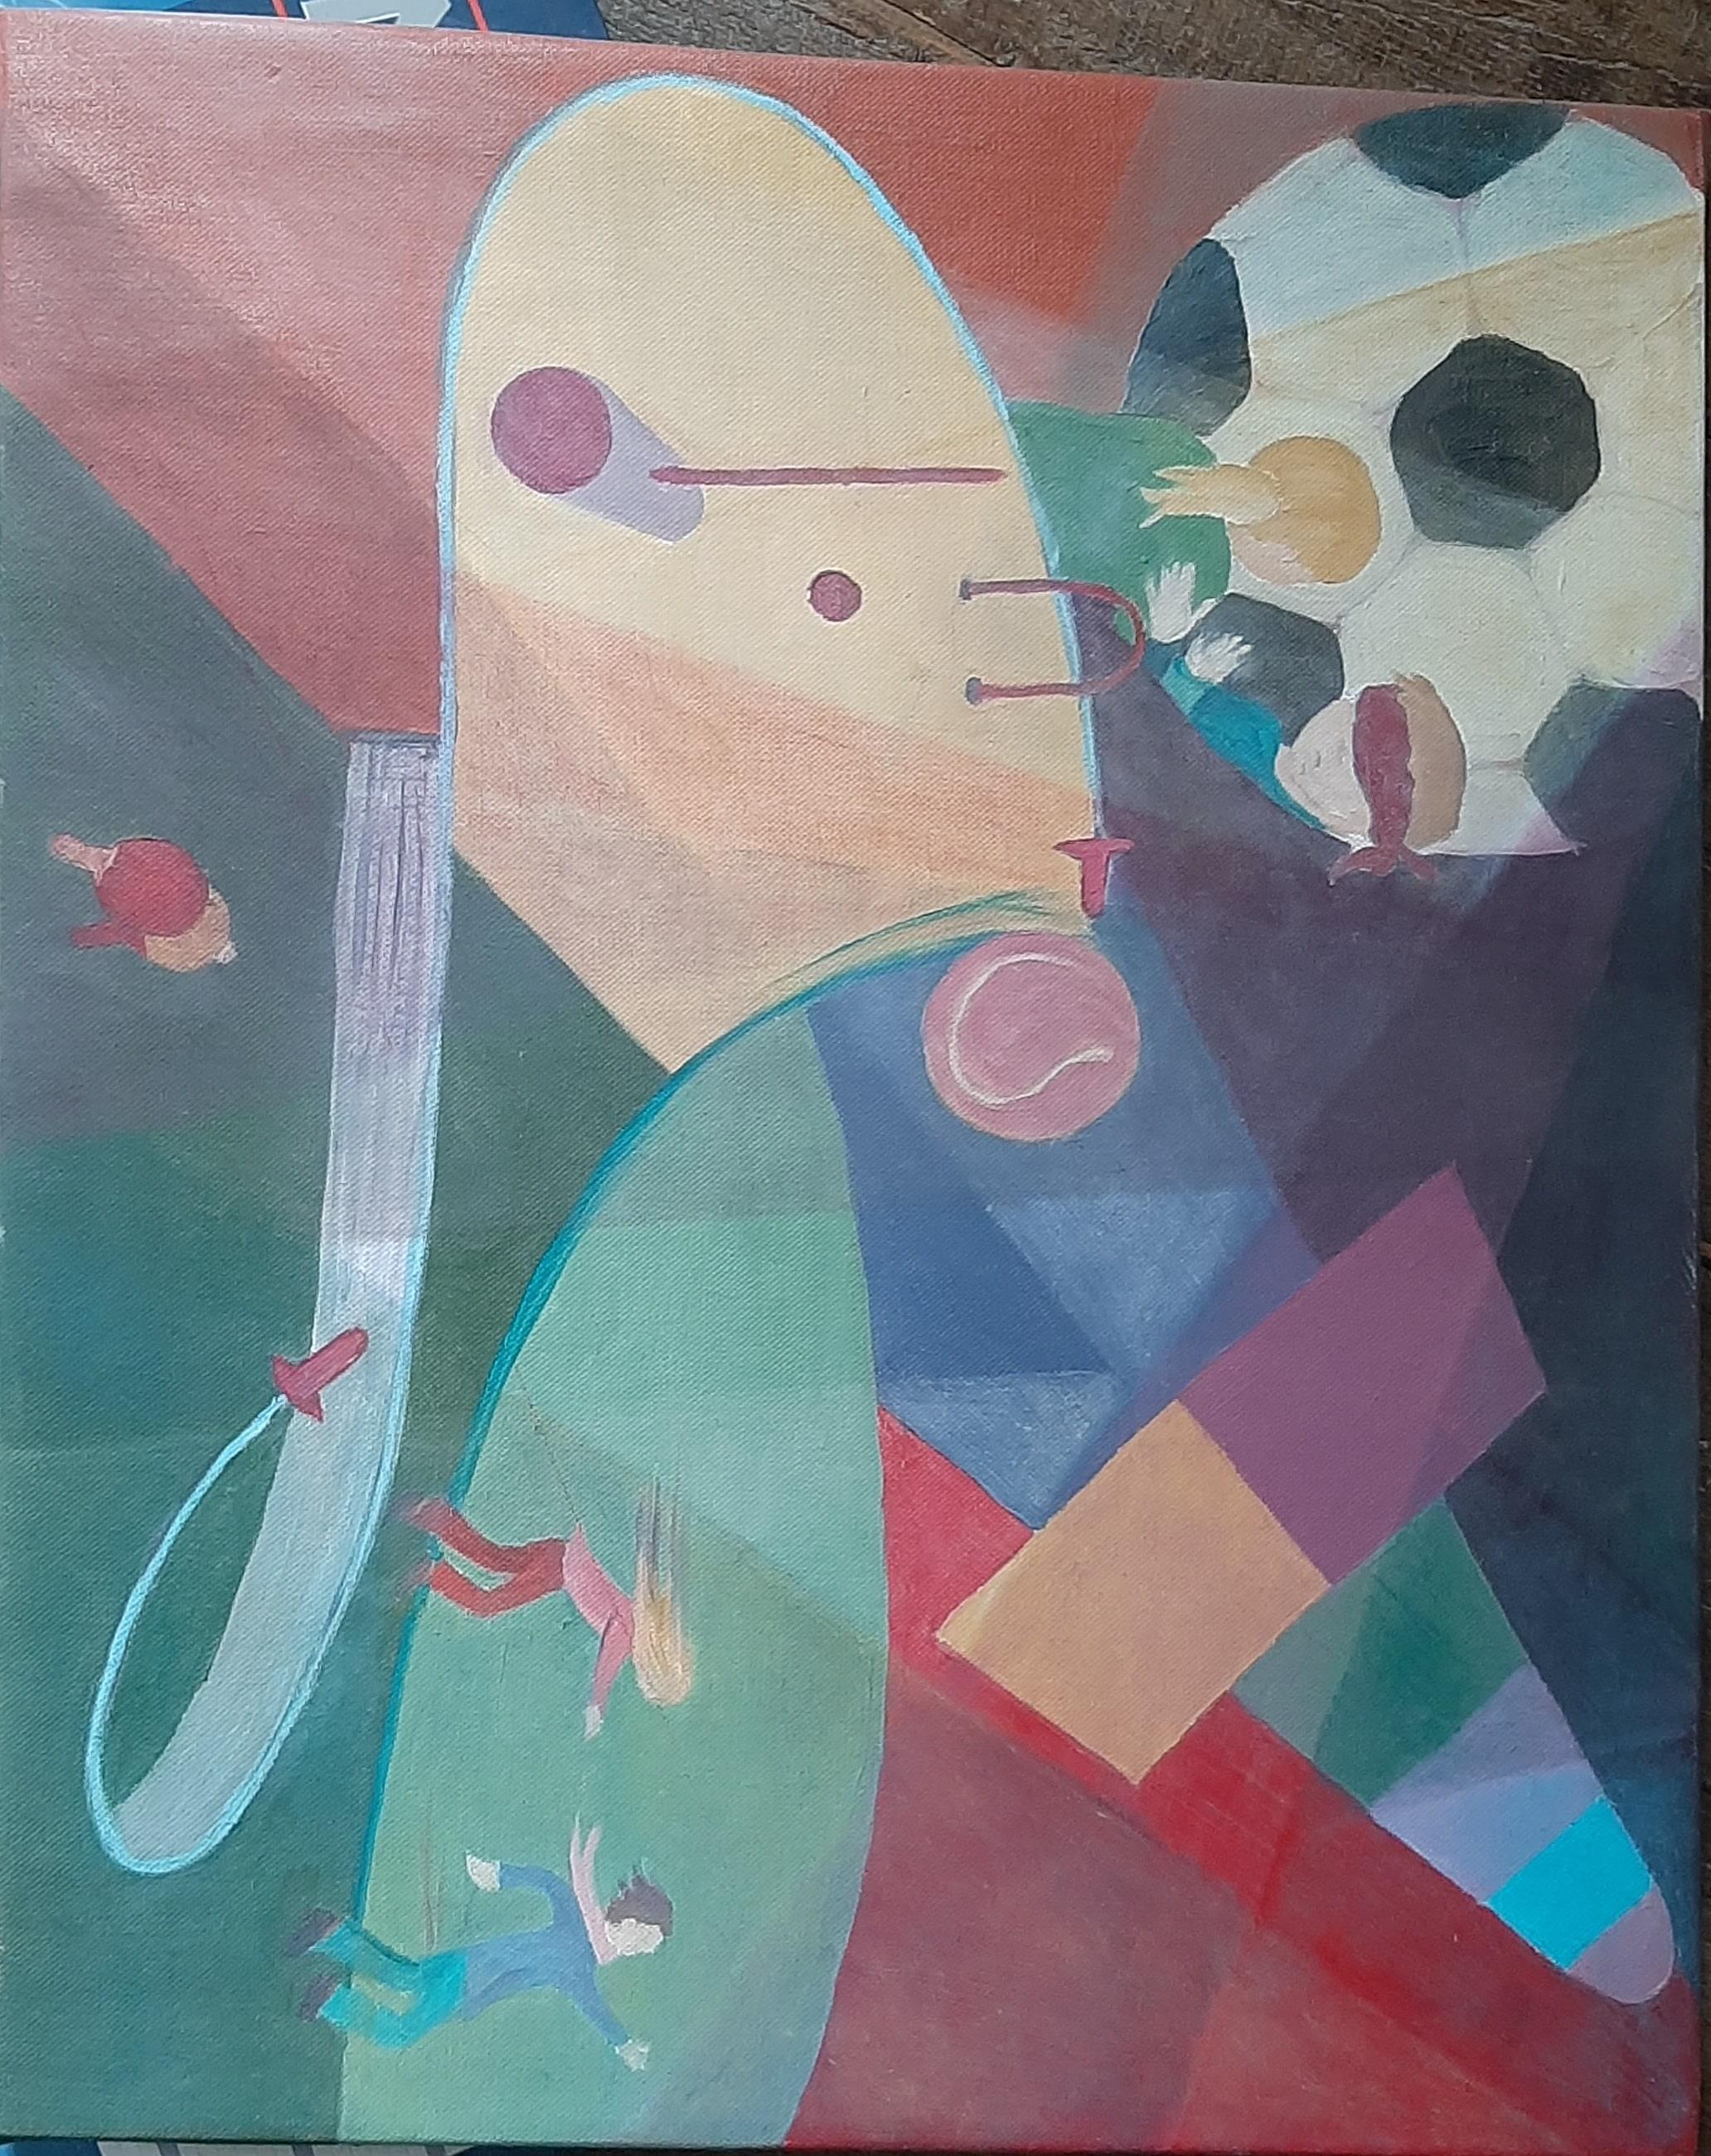 Hôtes et artistes en poitou - Récréation - Huile sur Toile